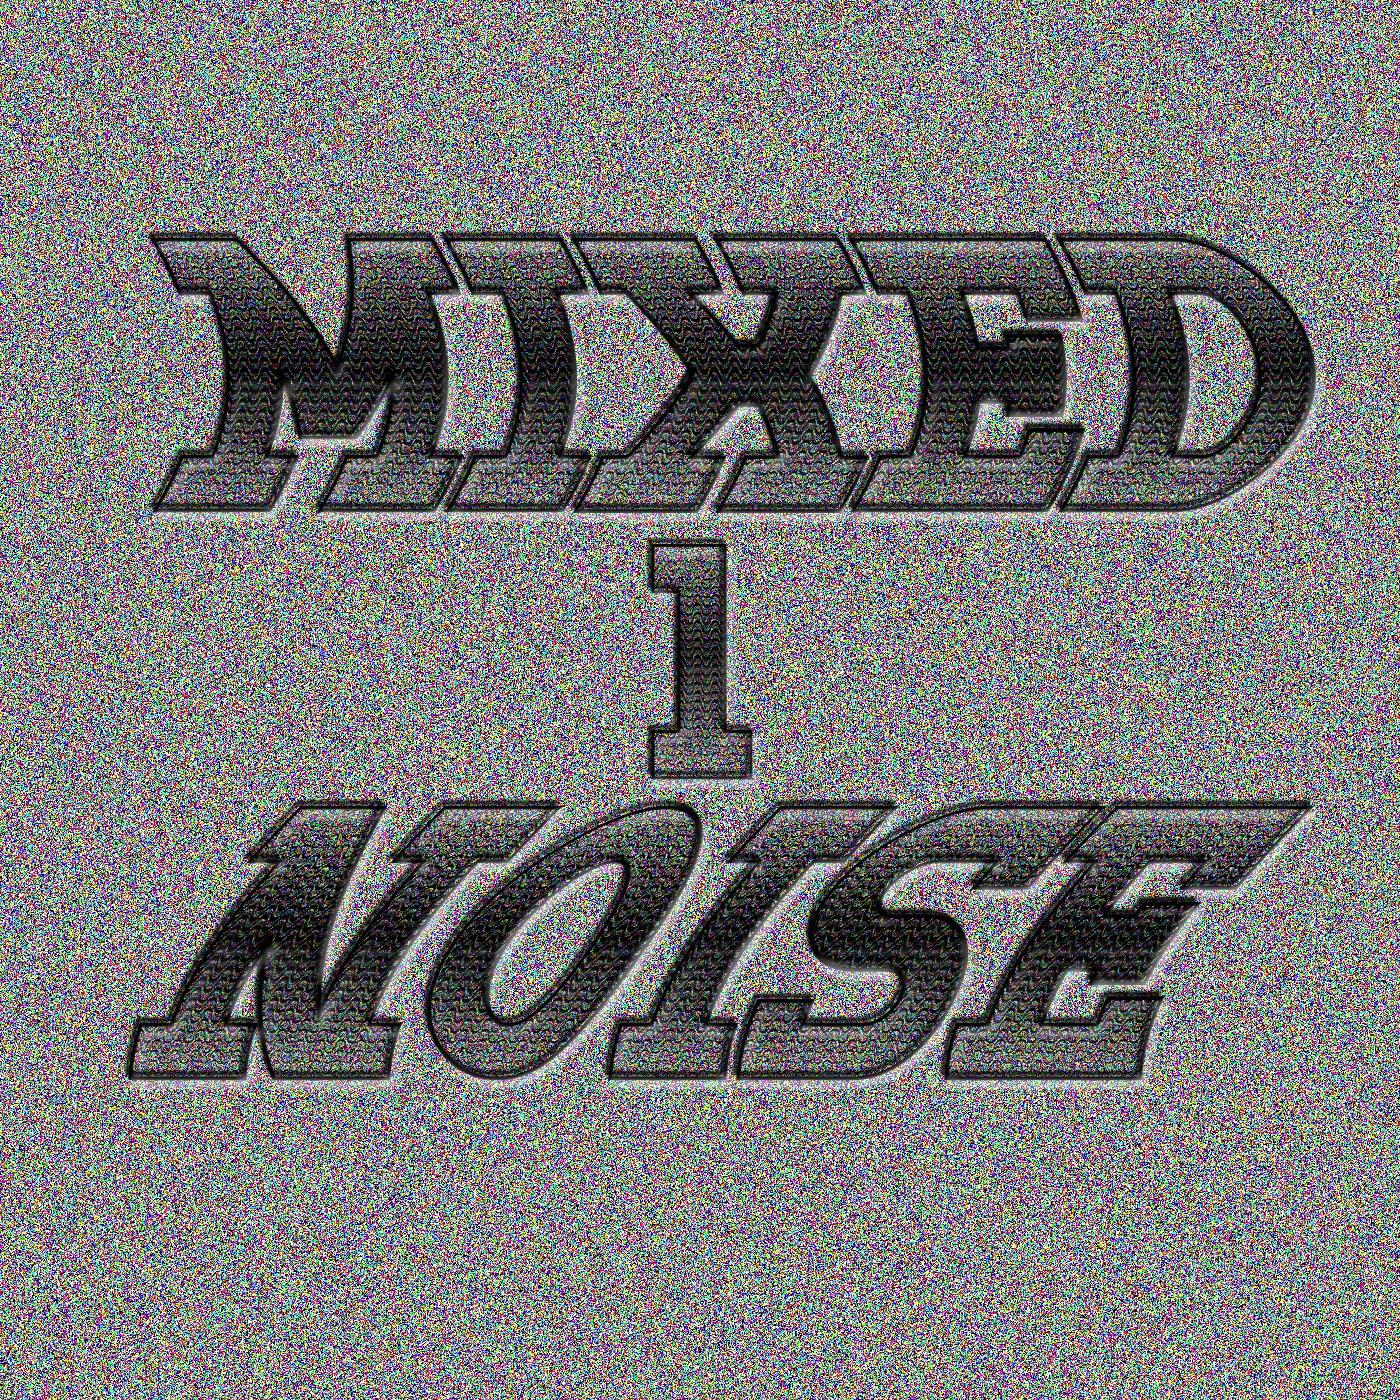 mixednoiselogo1